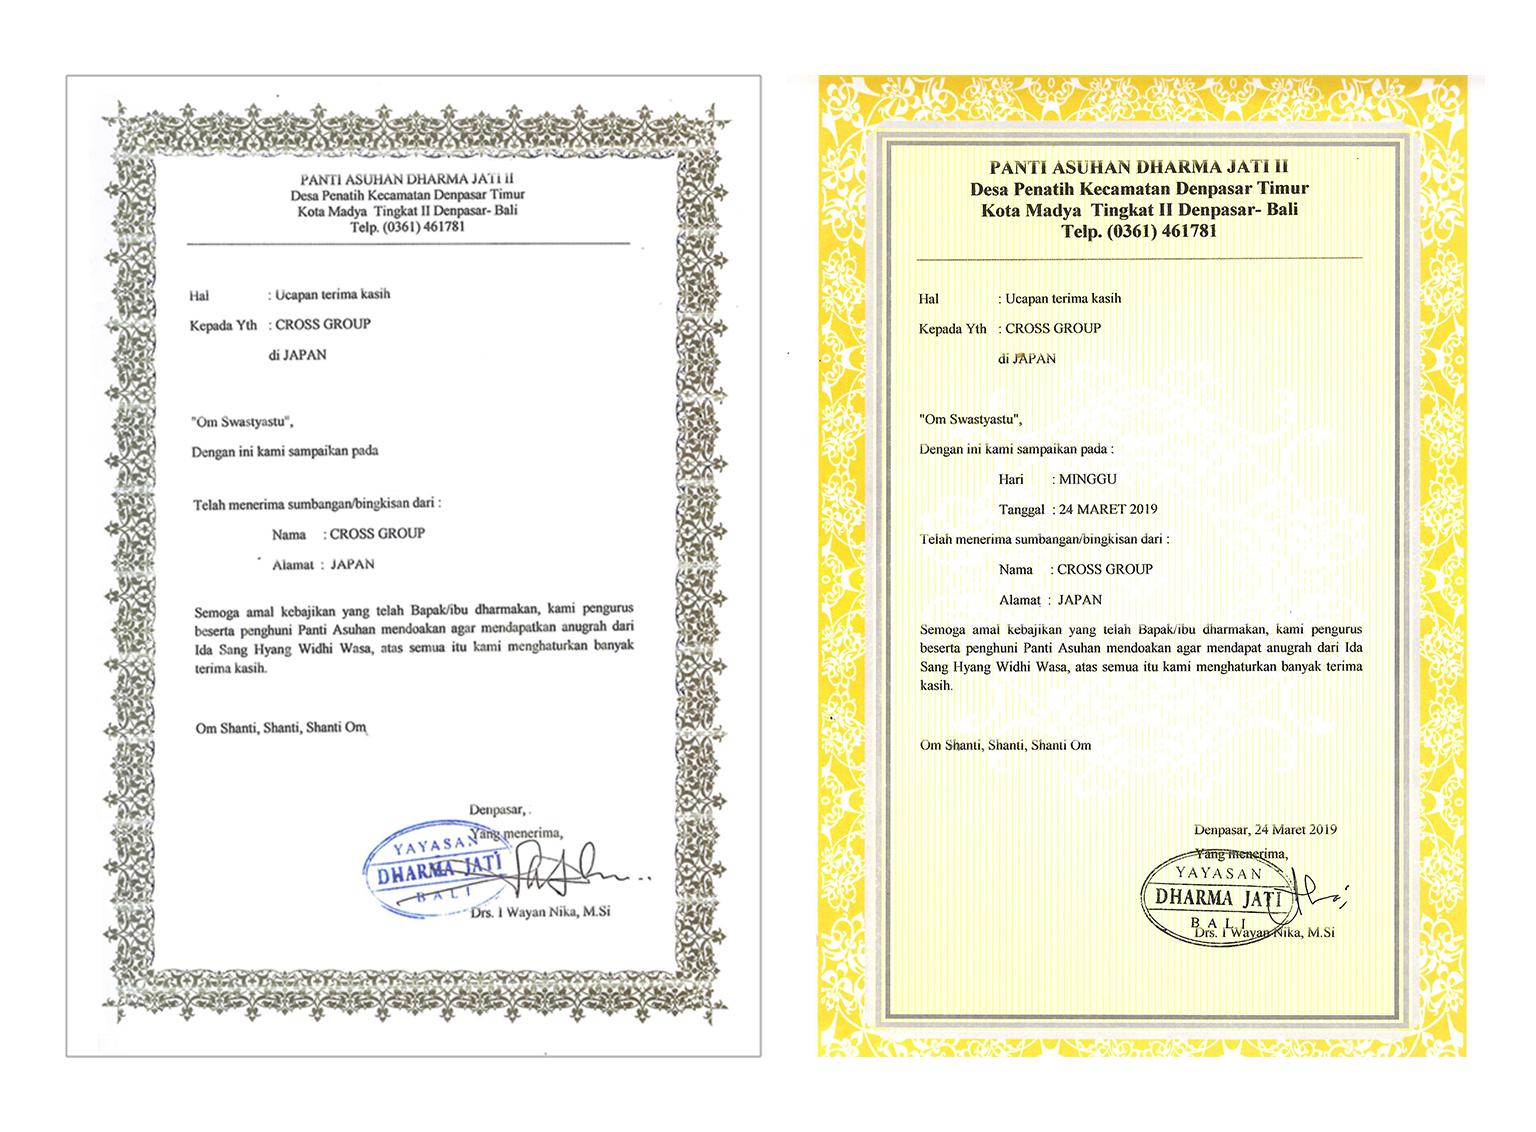 ダルマ・ジャティⅡ 孤児院(インドネシア)への寄付